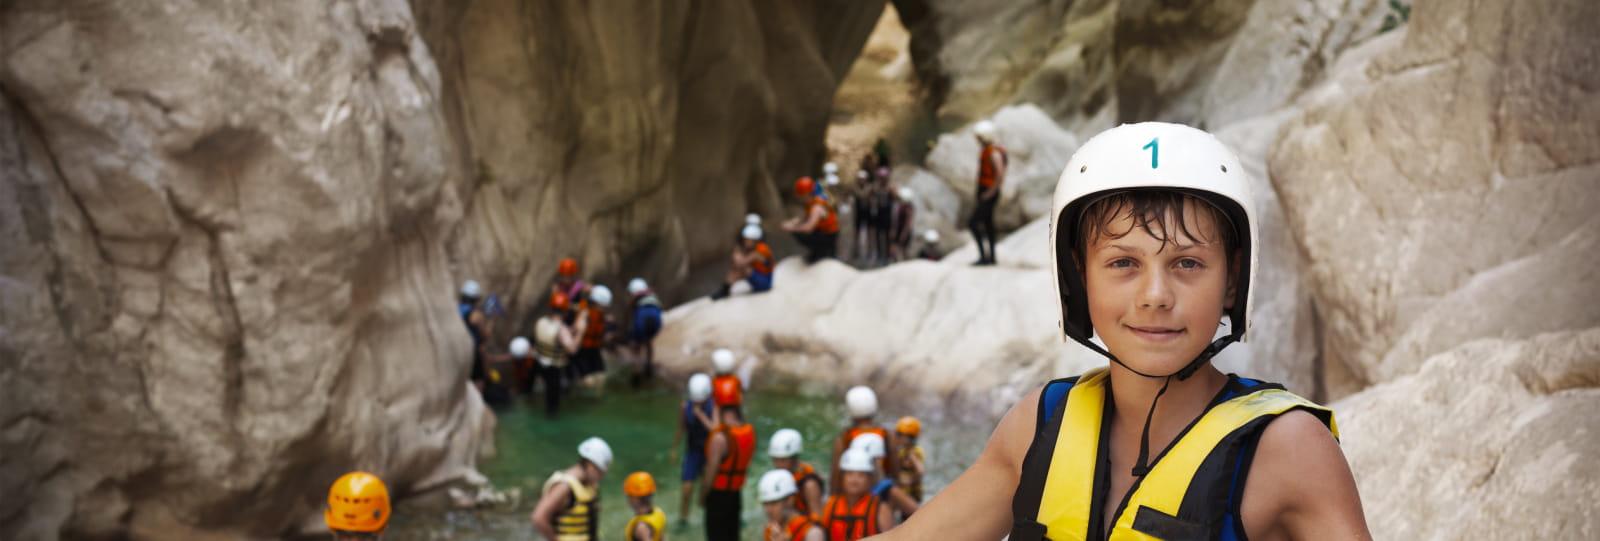 canyoning Joel Poncon